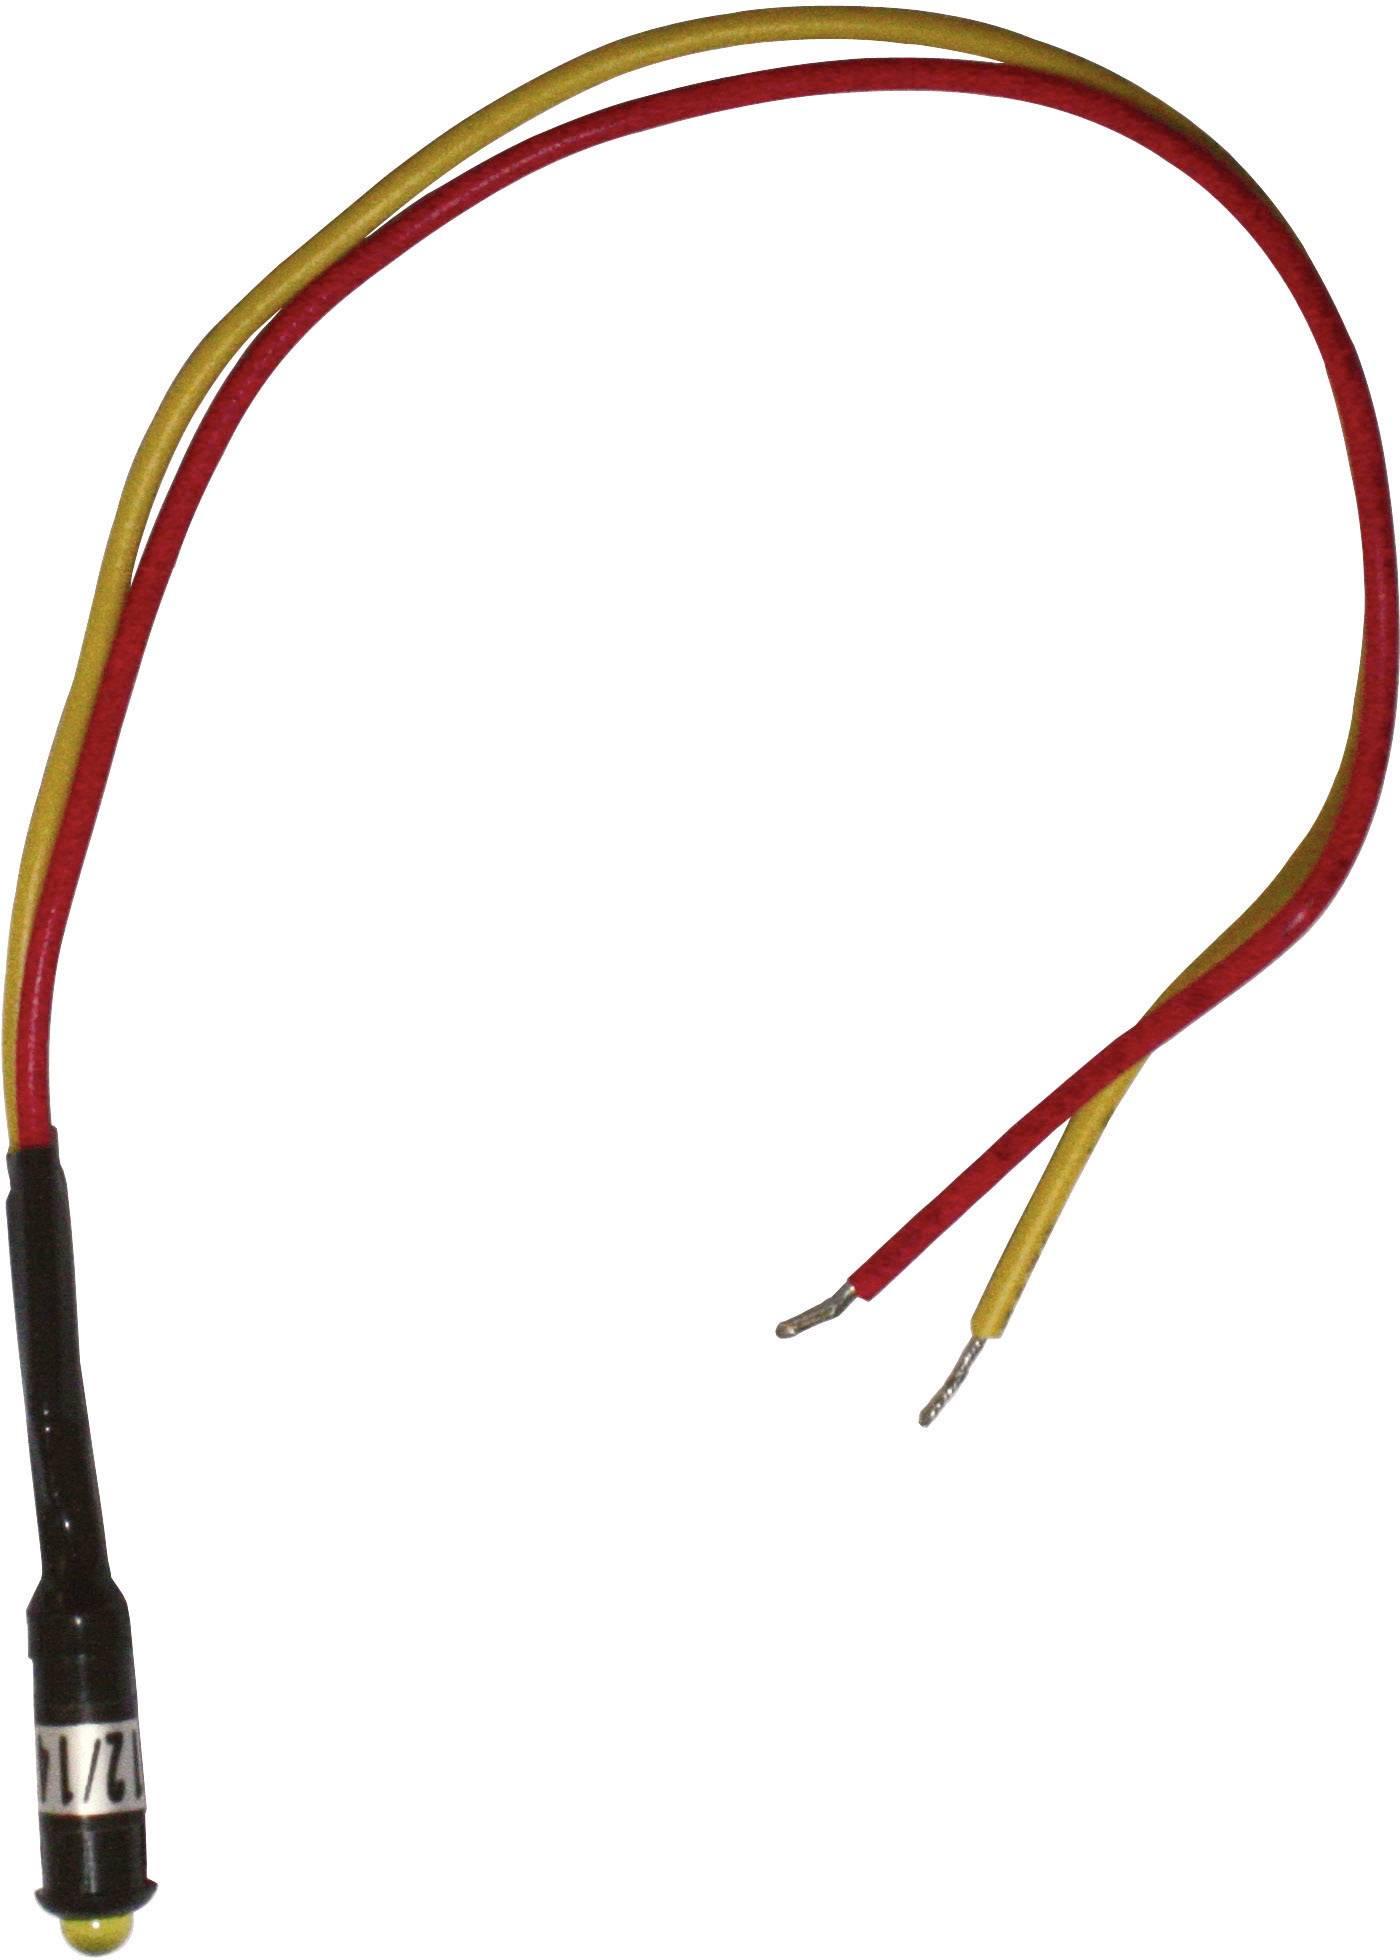 LED signálka Barthelme 52052812, 24 V/DC, žlutá